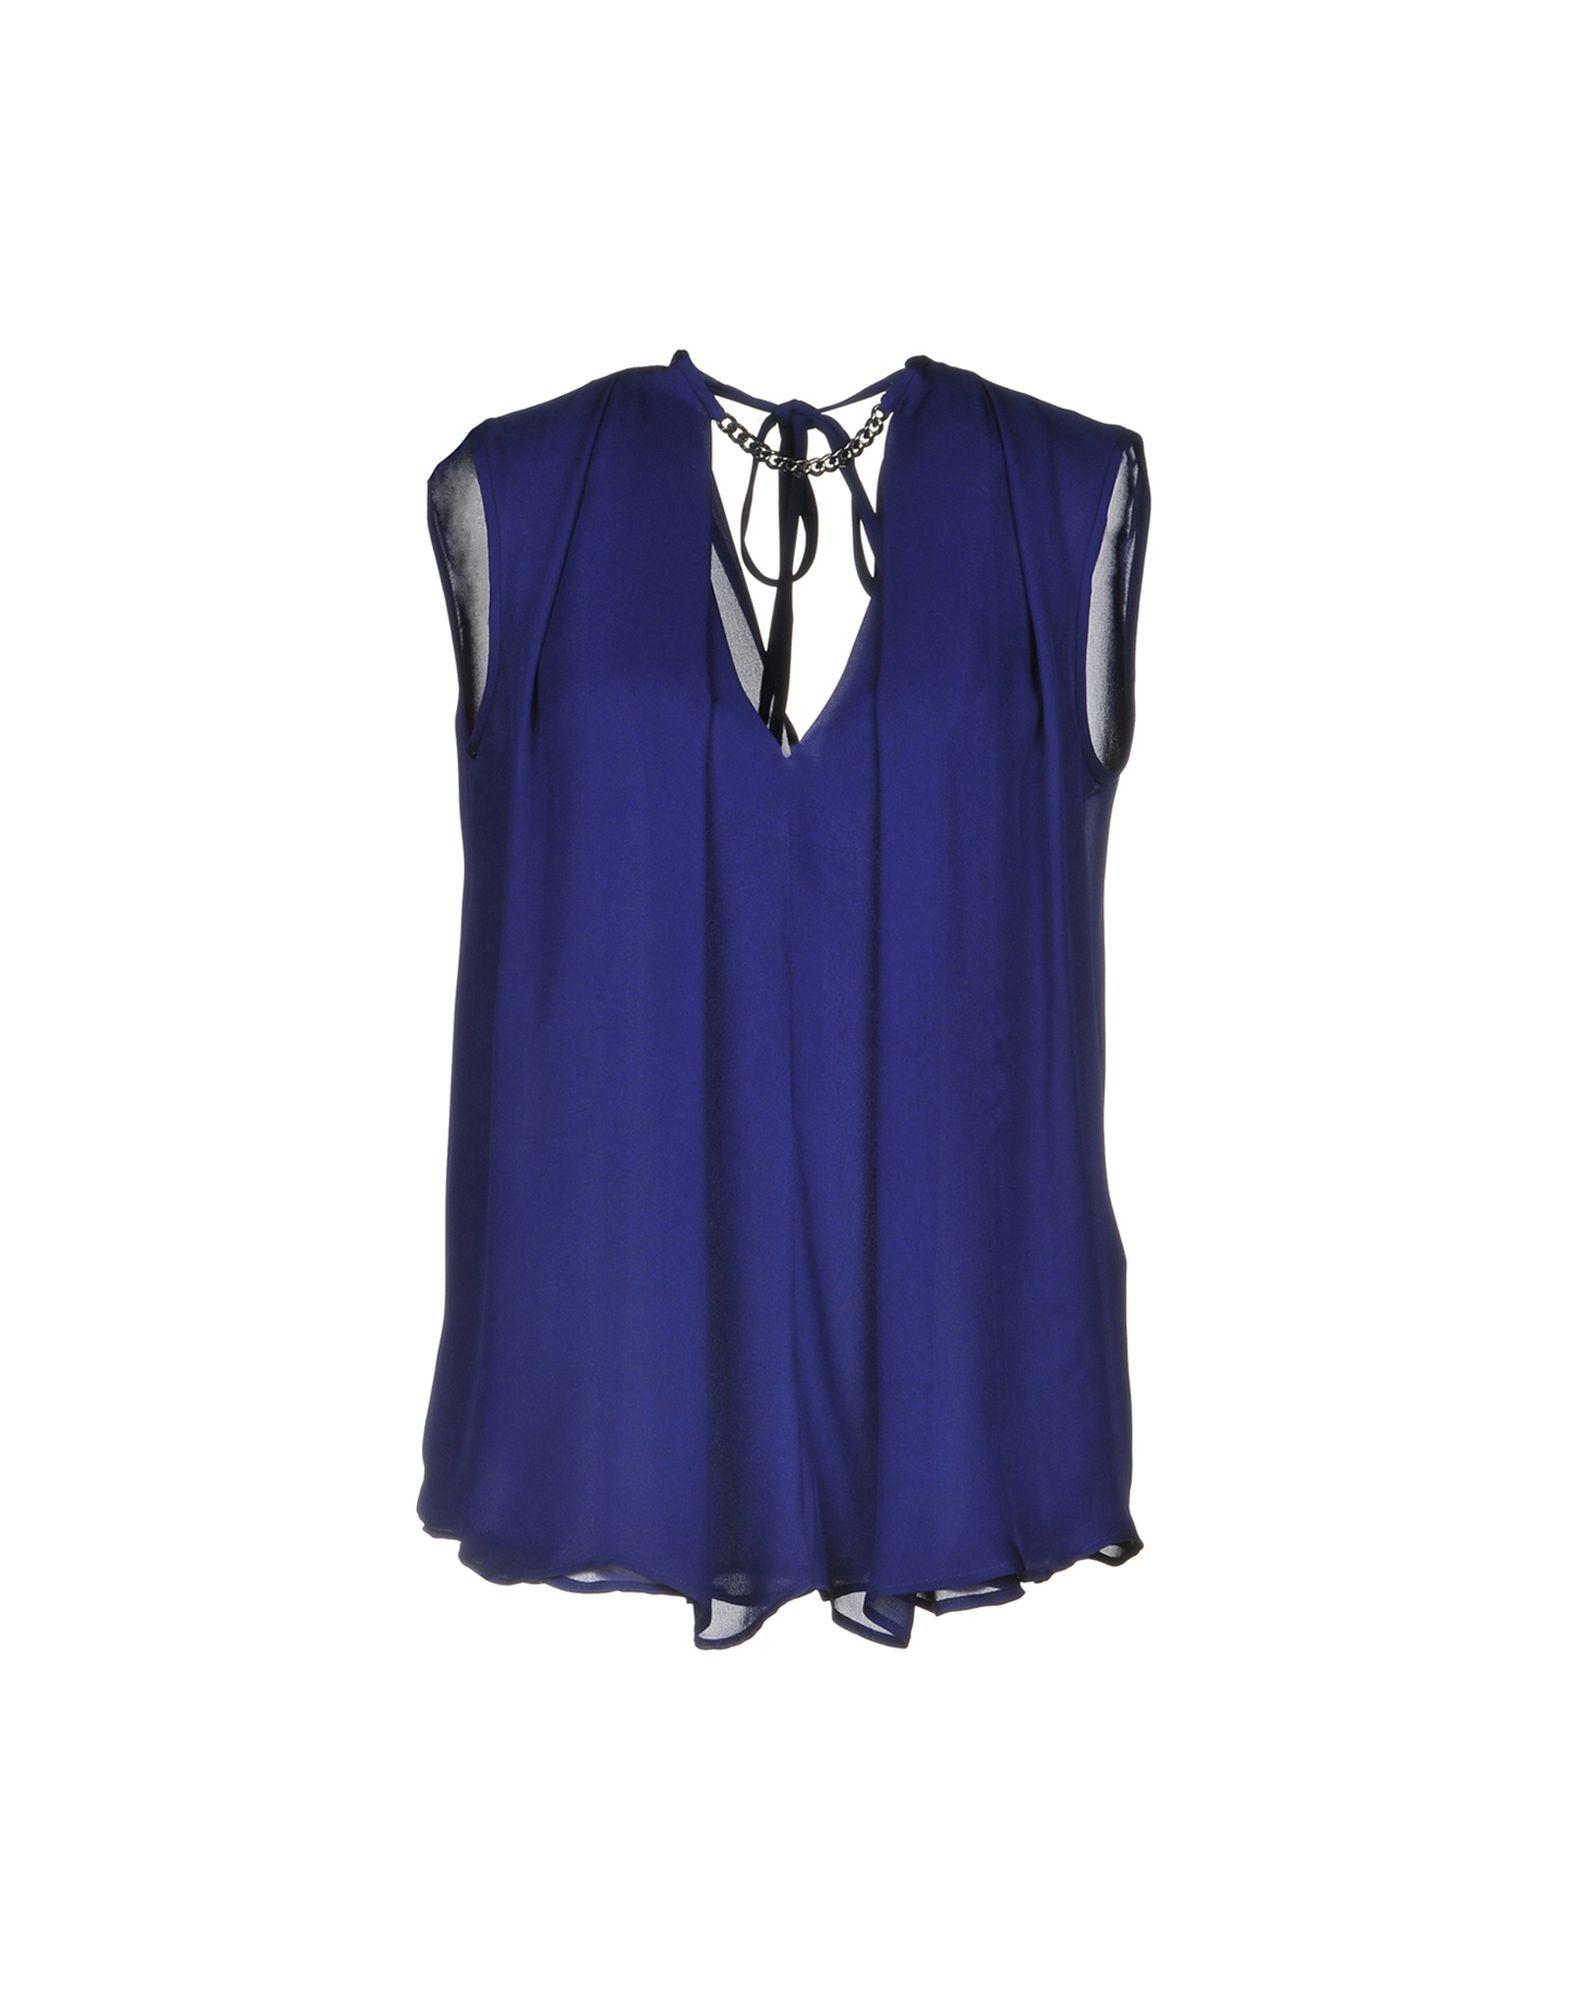 где купить PLEIN SUD Блузка по лучшей цене